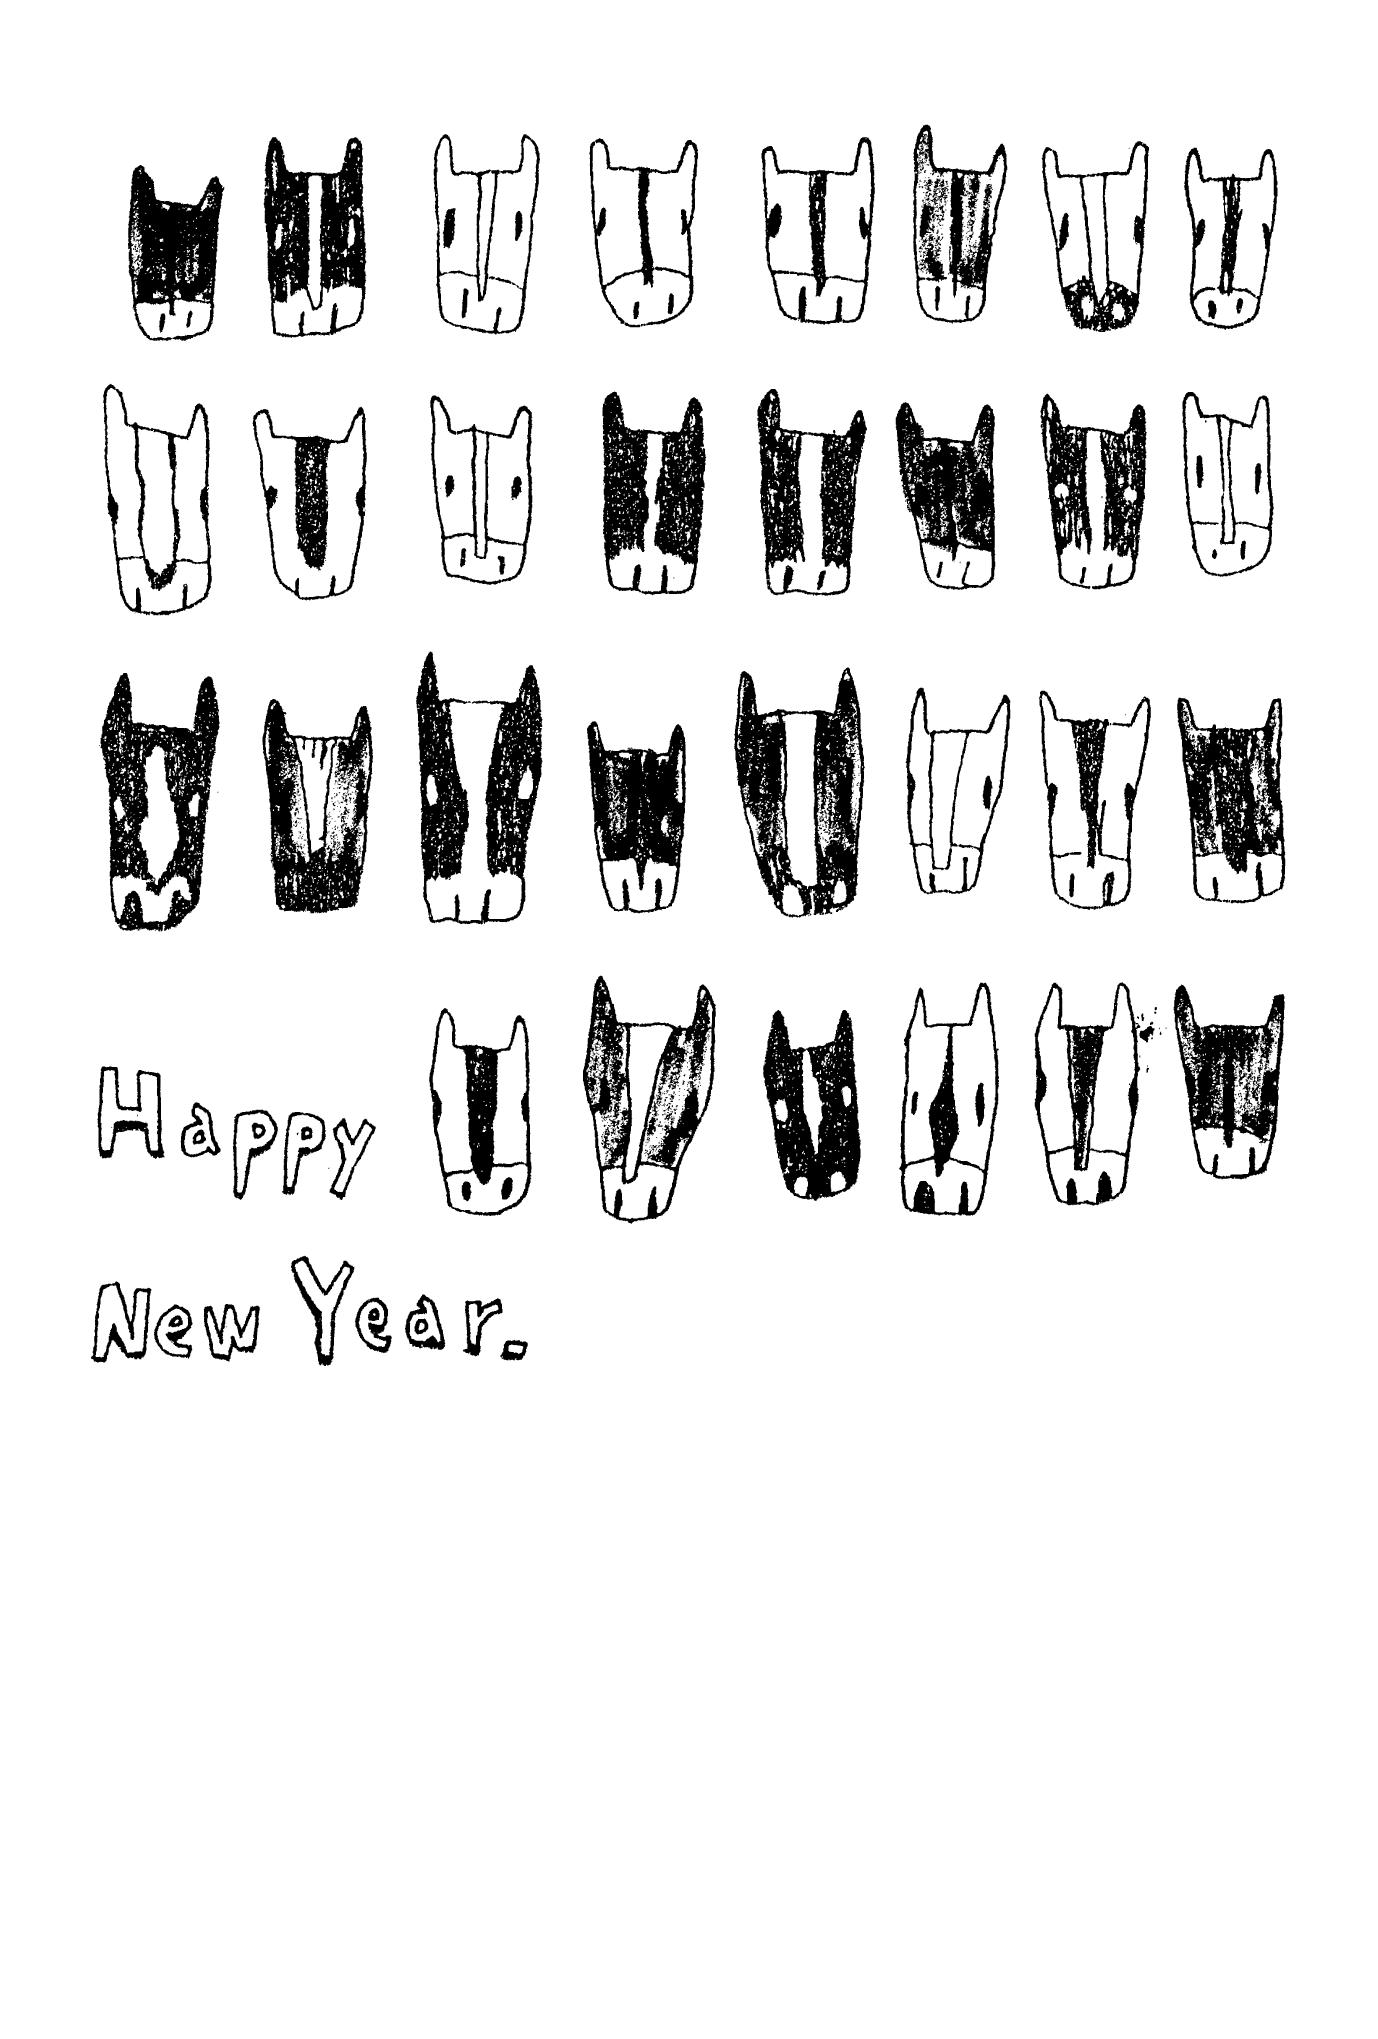 2014年賀状15-4:ウマウマウマ / line drawingのダウンロード画像